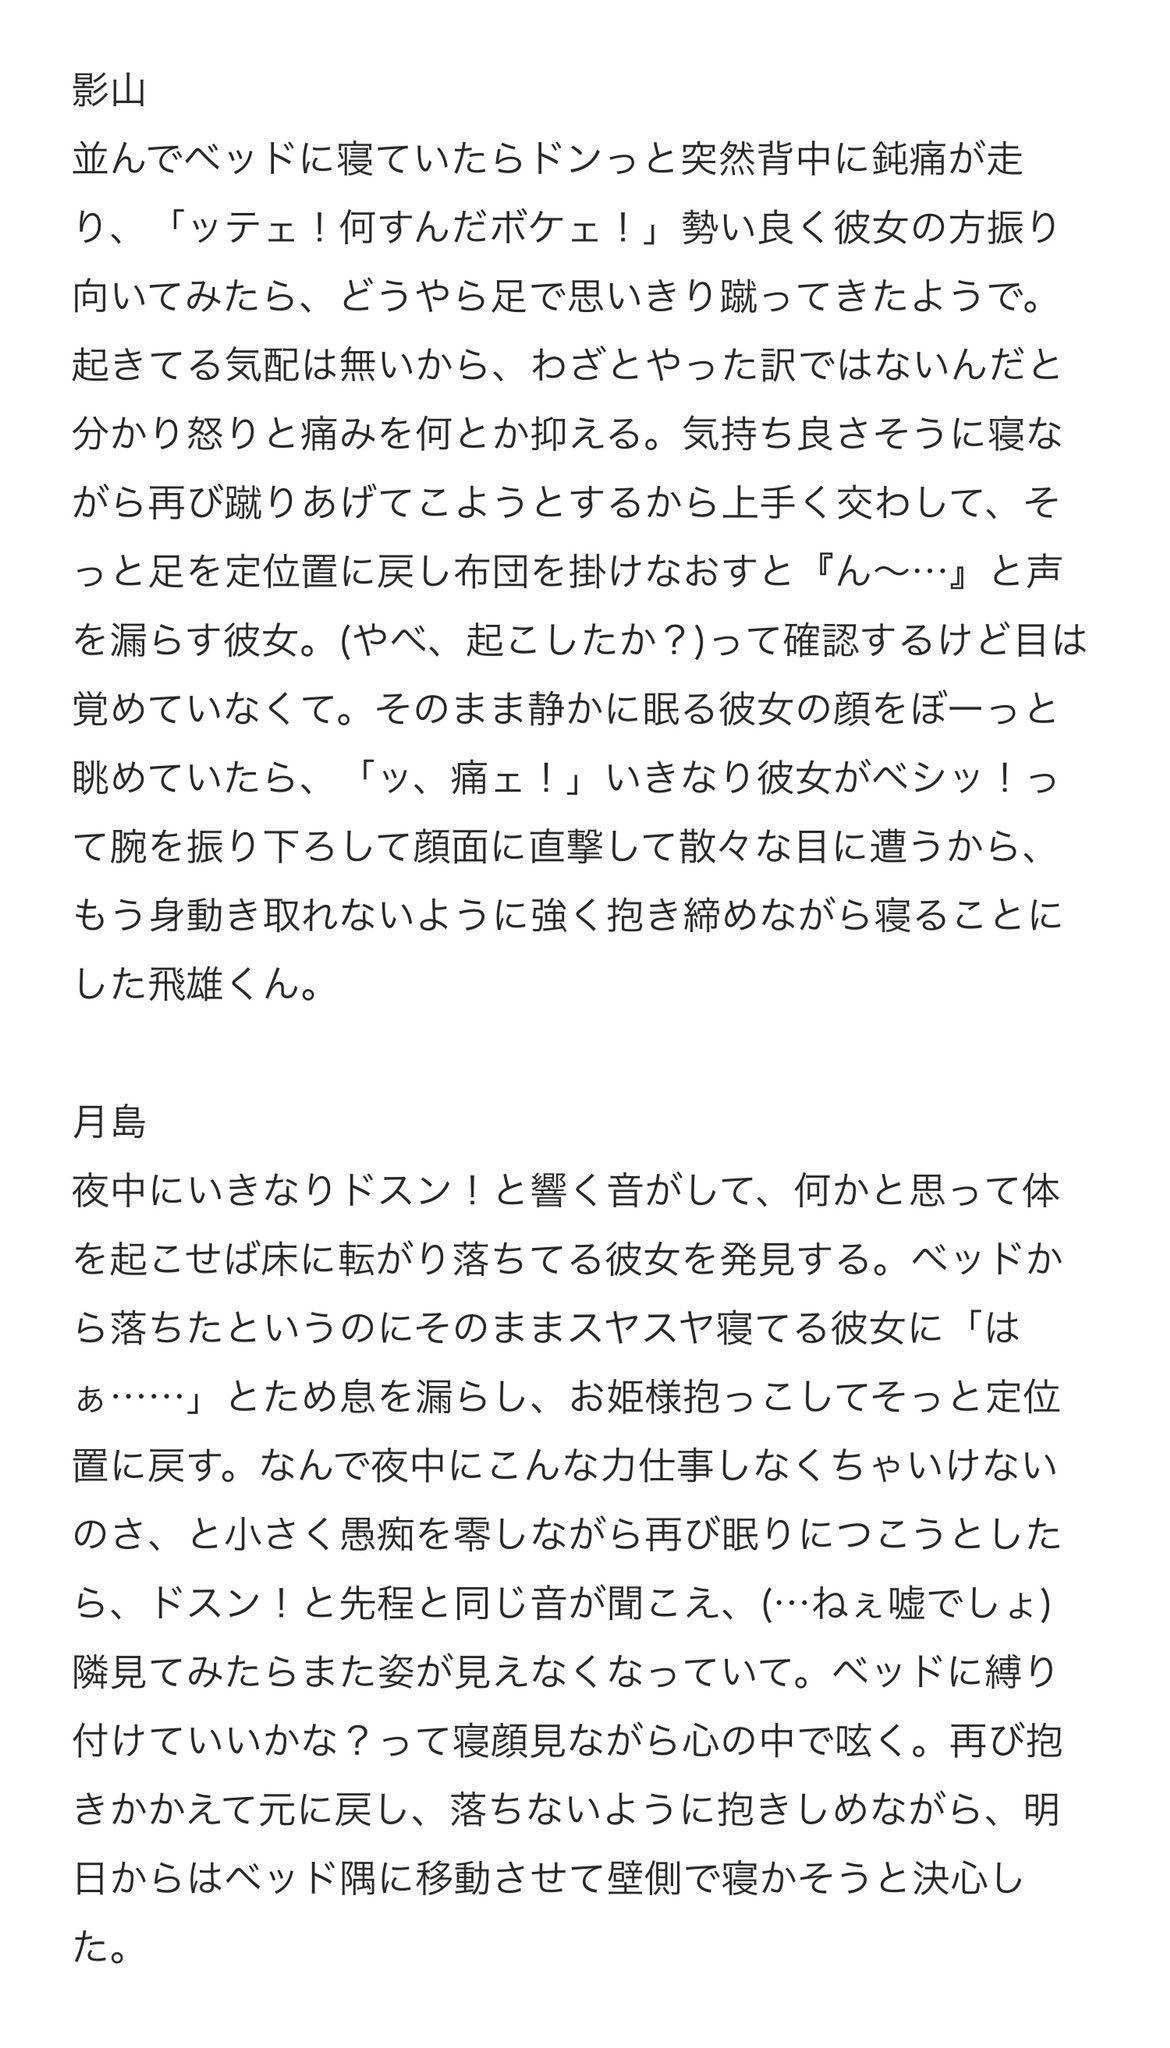 小説 ハイキュー r18